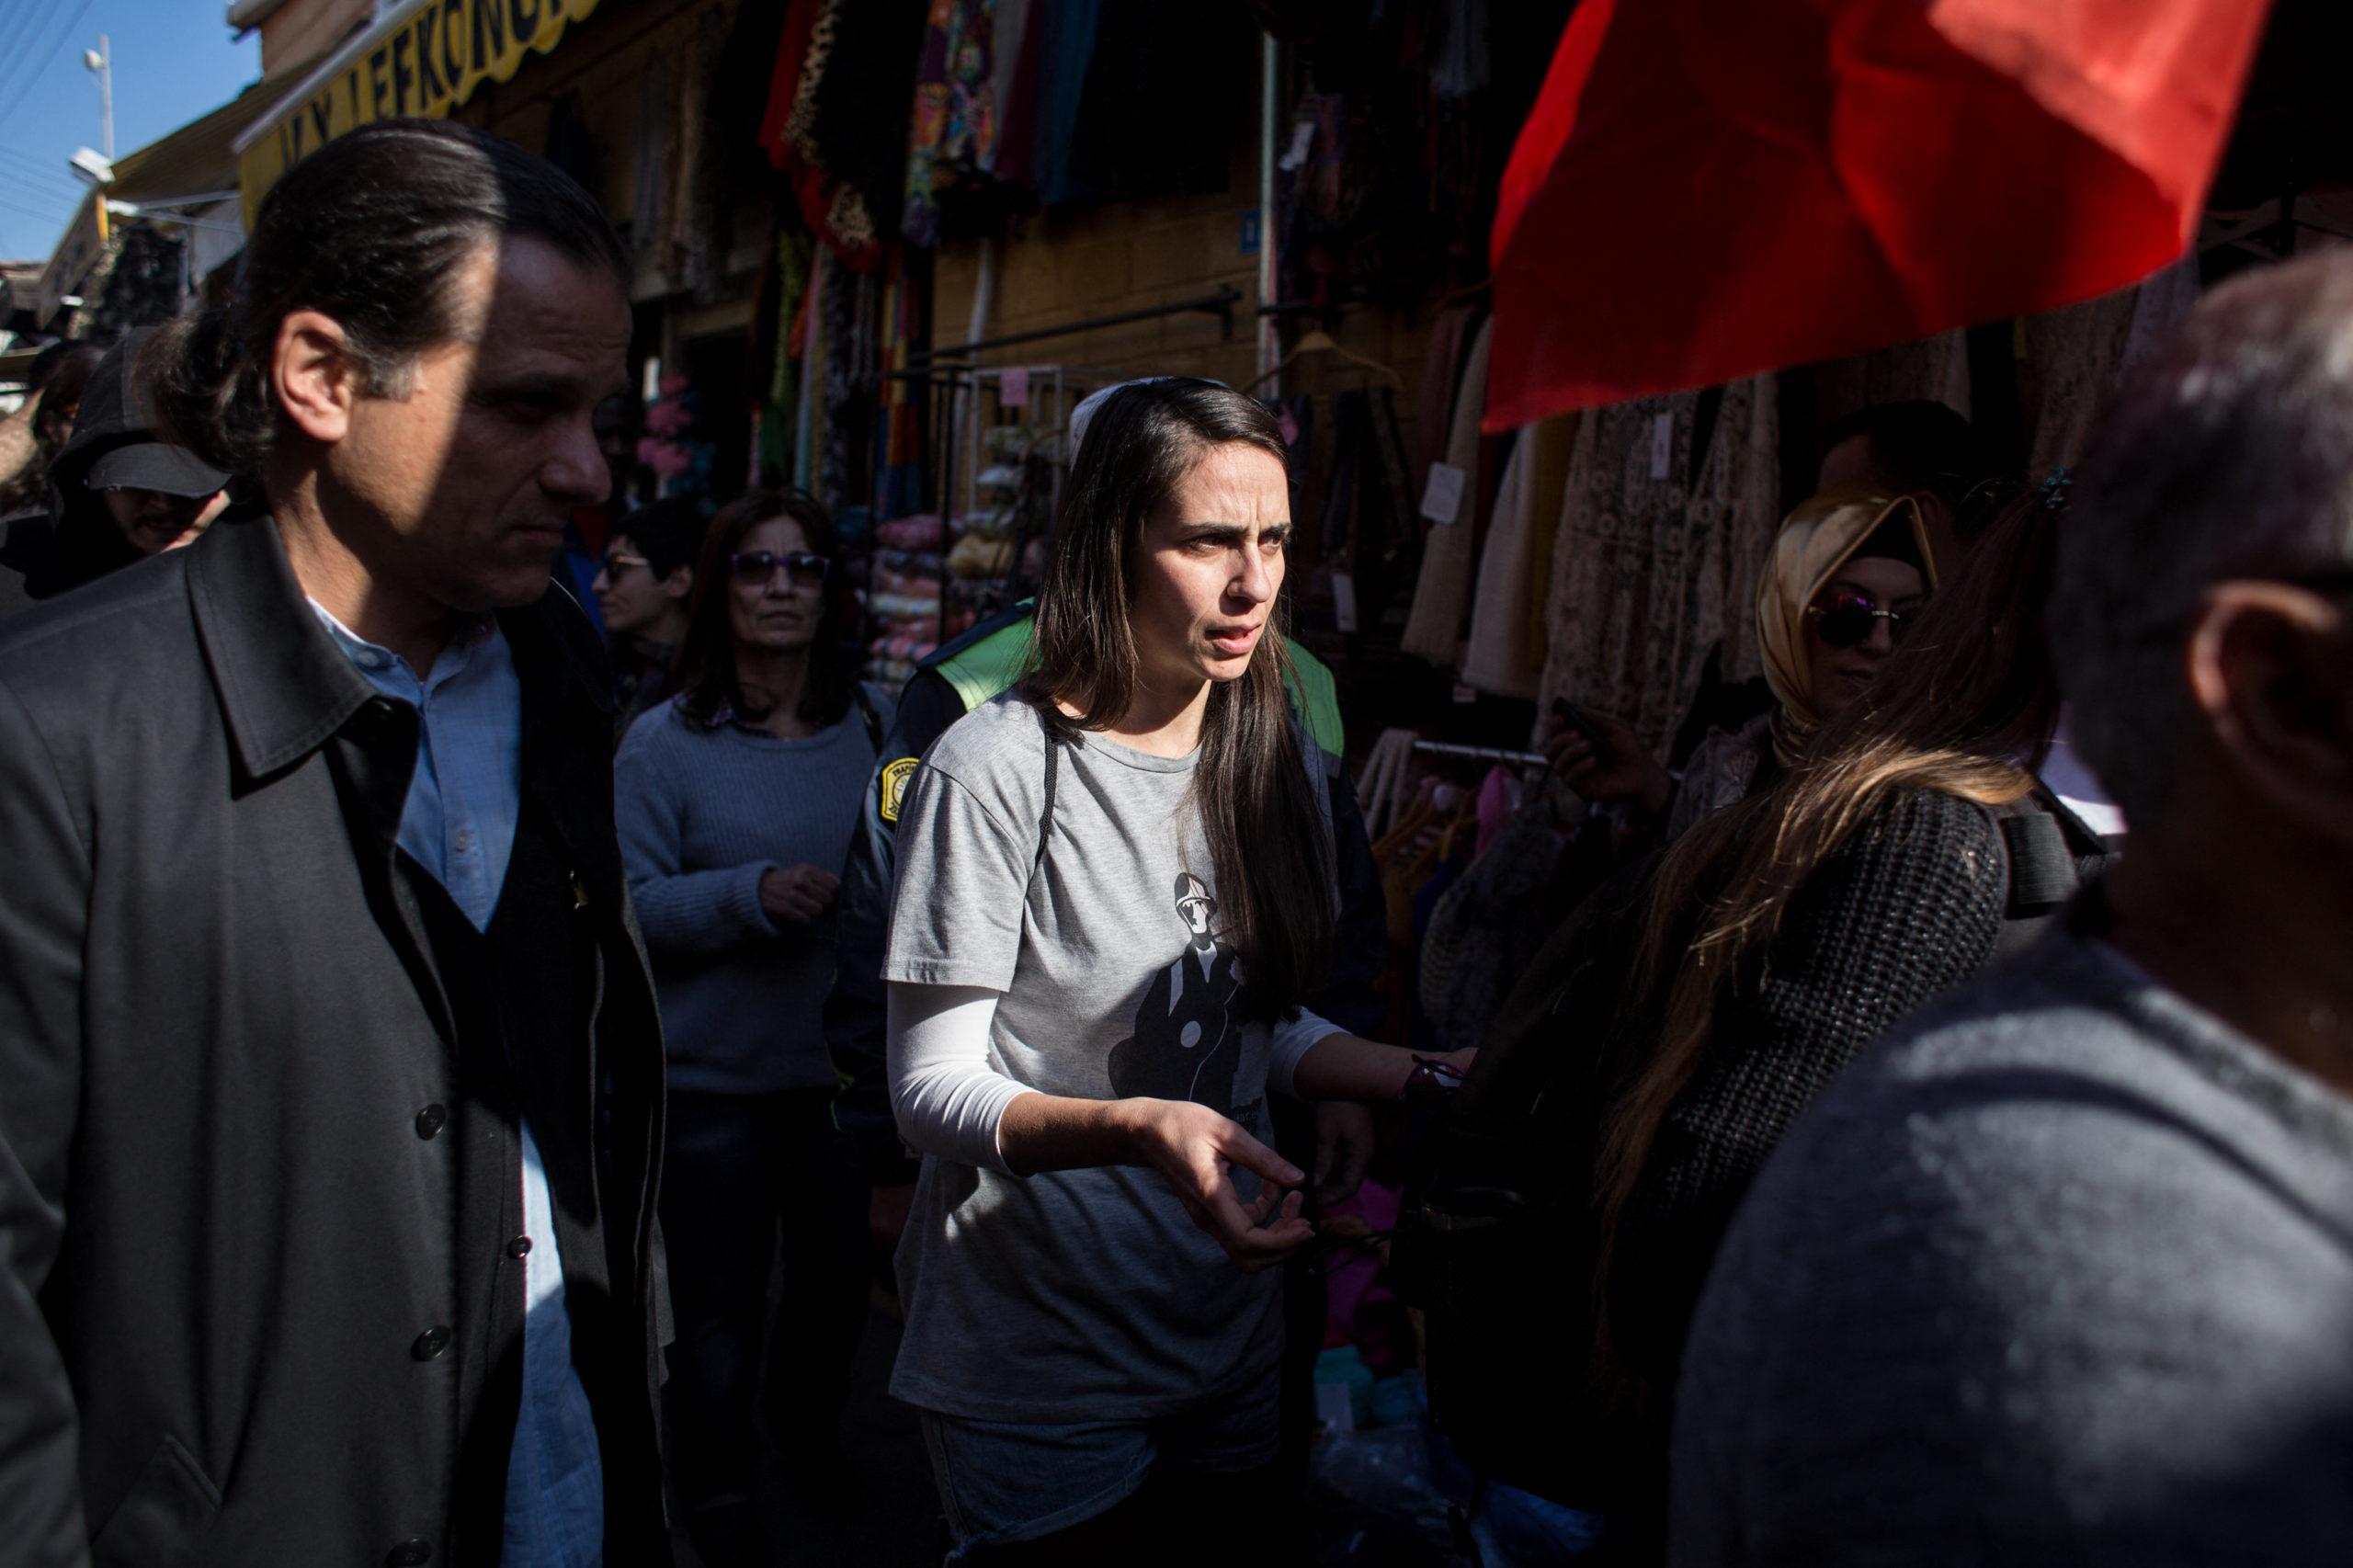 Maria ist Mitglied der anarchistischen Bewegung Sispriosi Atakton und kämpft vor allem für die vollständige Entmilitarisierung der Insel. Auf Zypern sind sechs Armeen aktiv: Türken, türkische Zyprioten, Griechen, griechische Zyprioten, Großbritannien und die UNO.